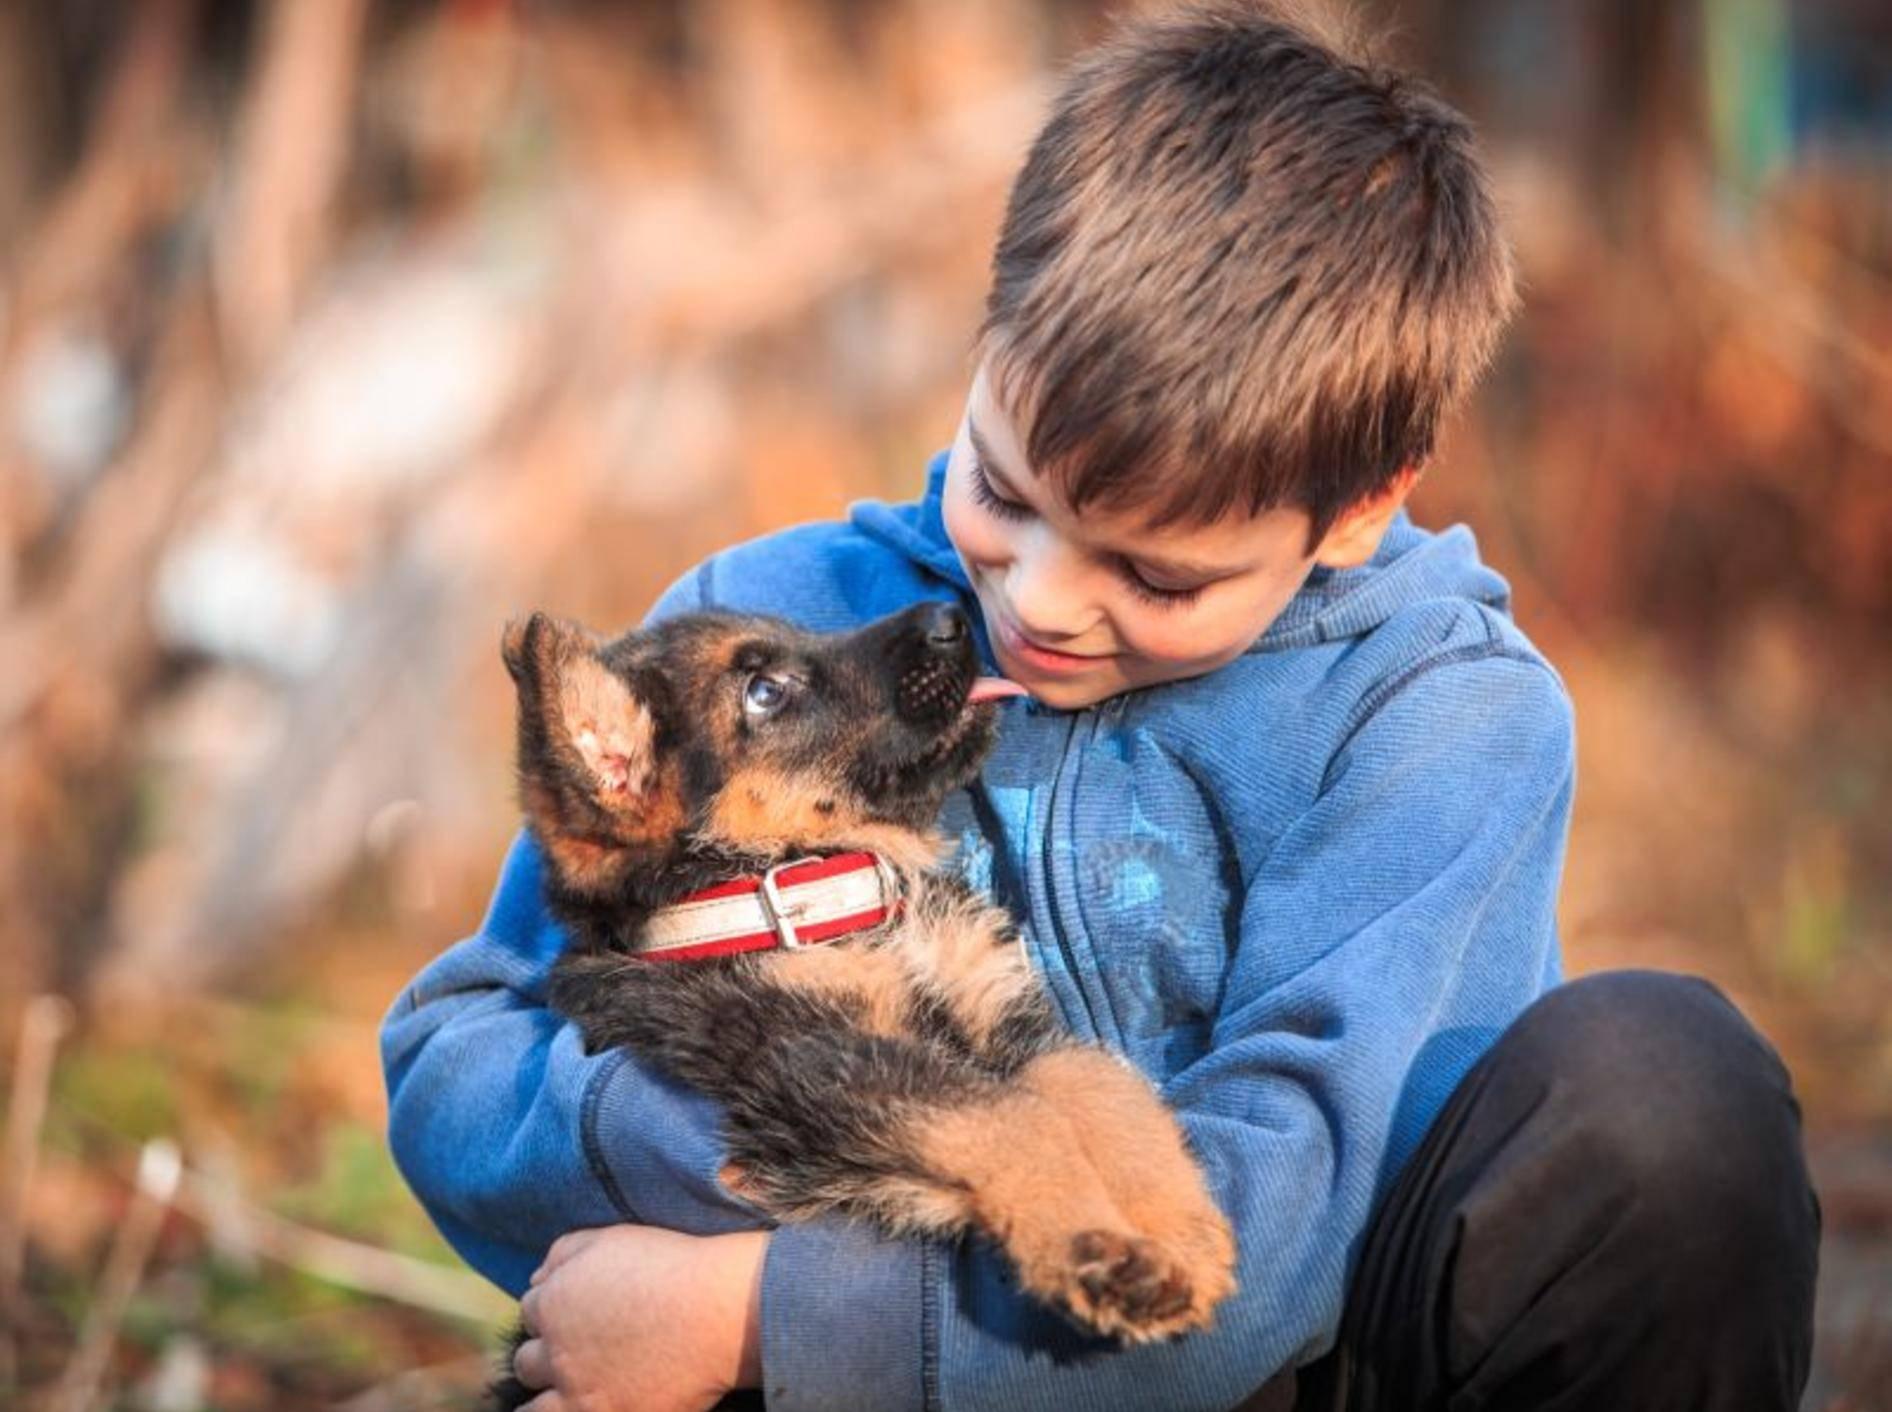 Hunde und Kinder können sich wunderbar ergänzen – Shutterstock / Stone36